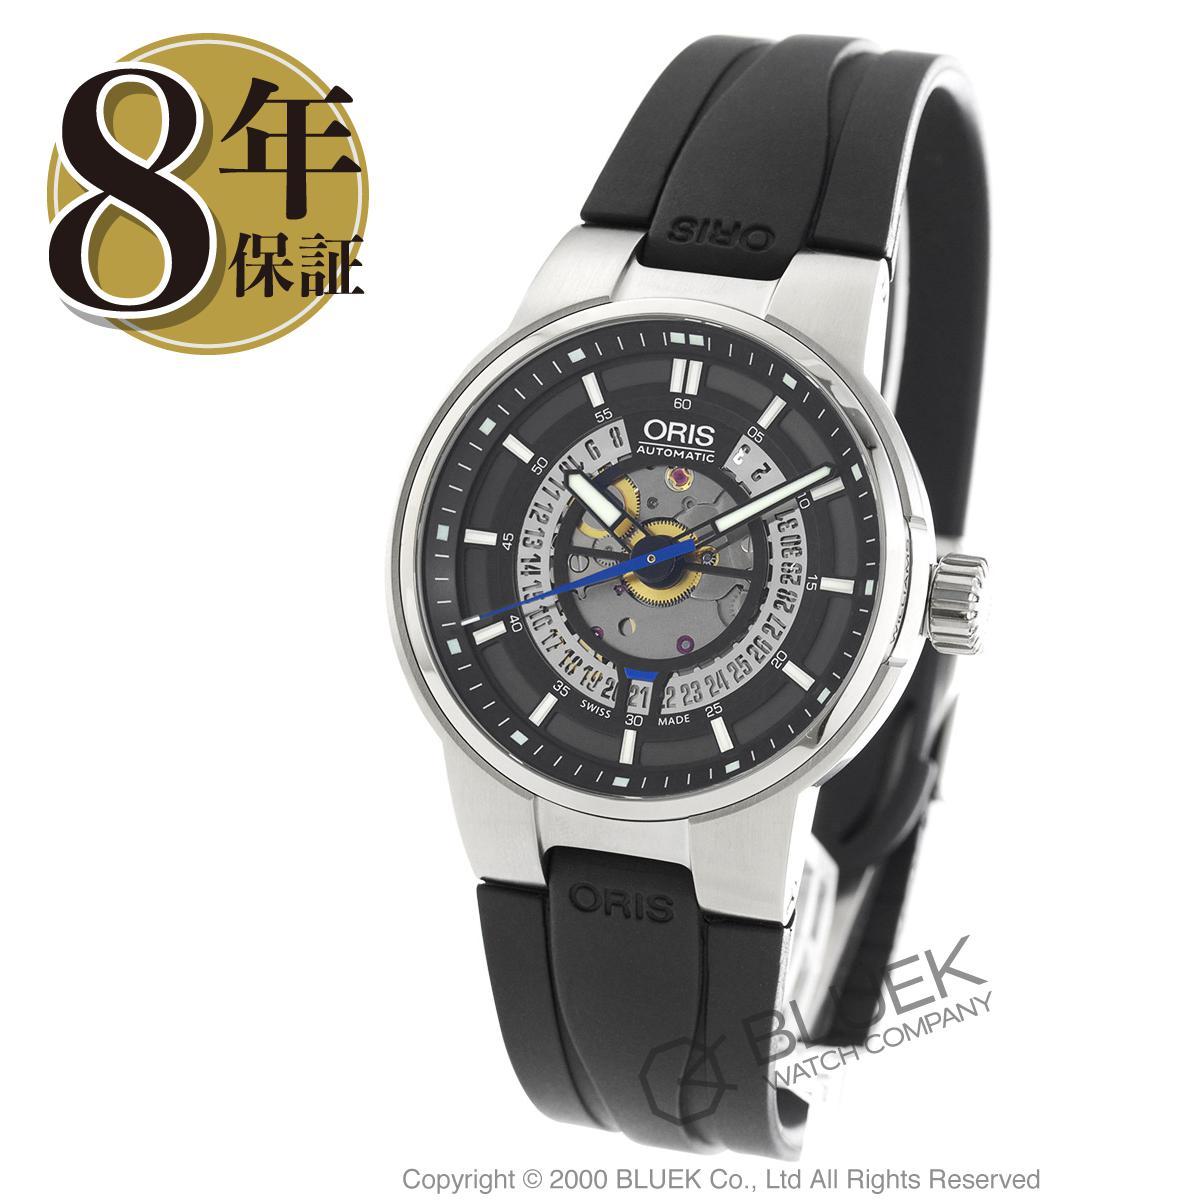 オリス ウィリアムズ エンジン 腕時計 メンズ ORIS 733 7740 4154R_8 バーゲン ギフト プレゼント